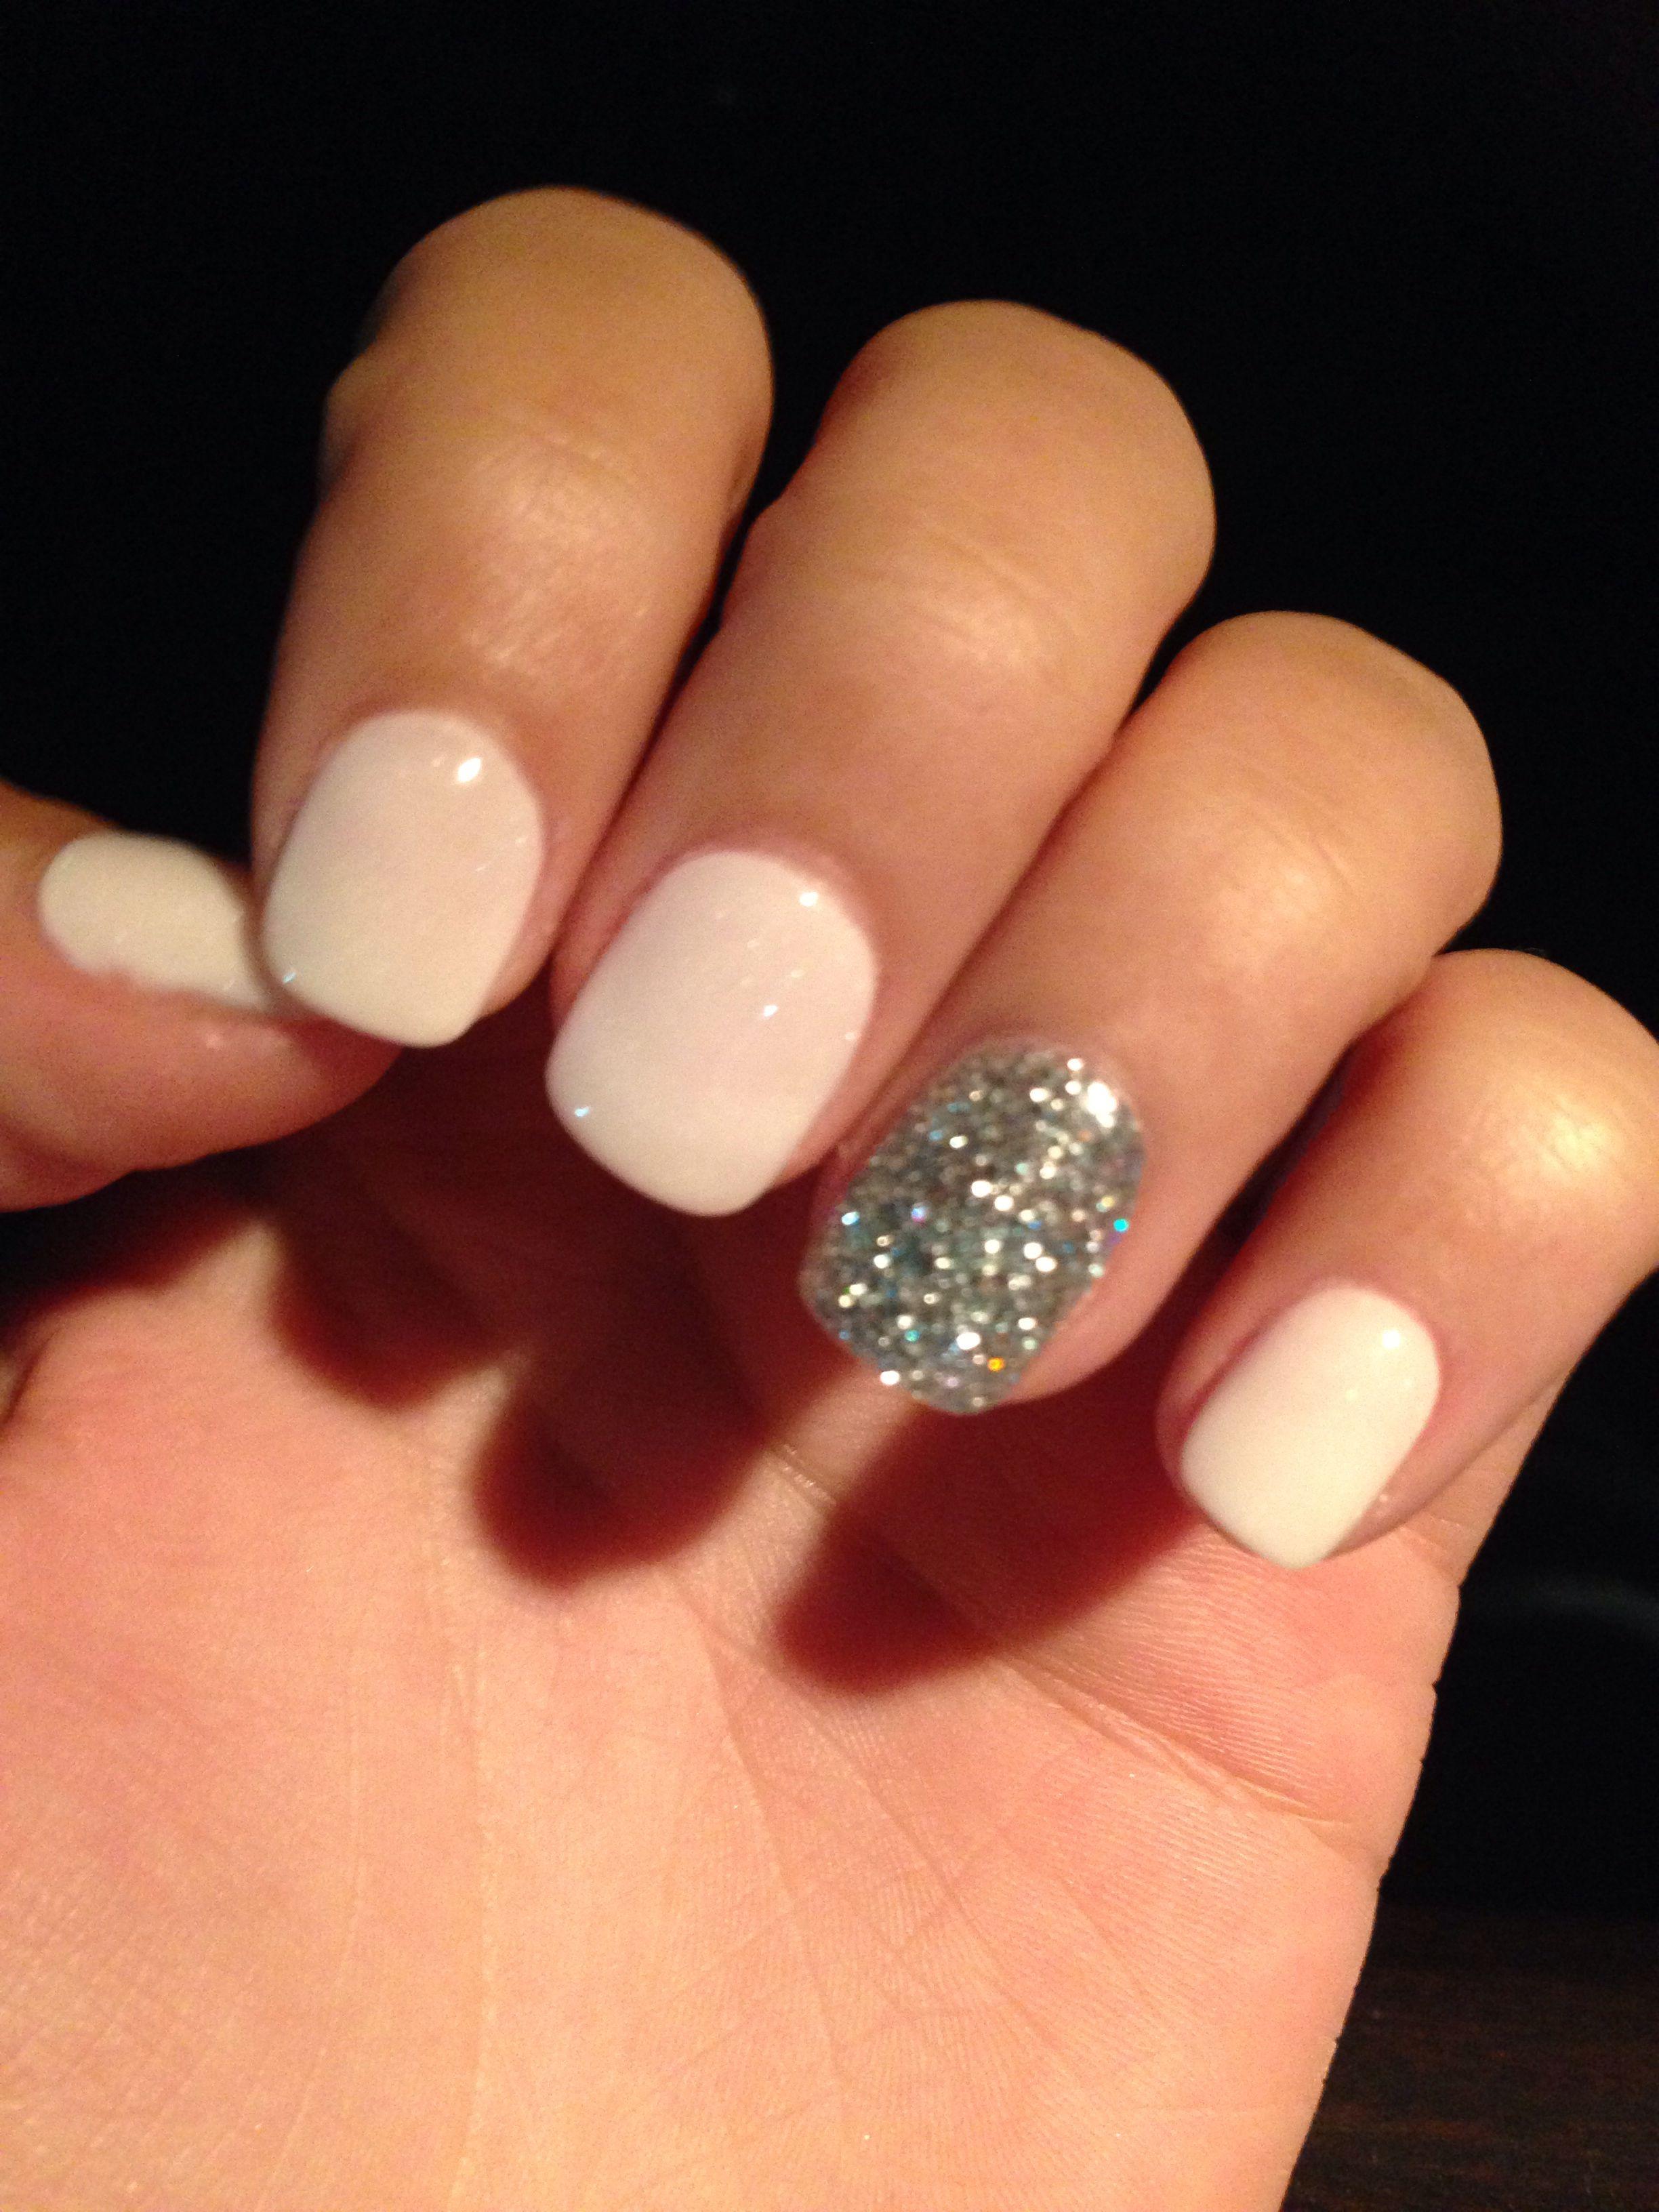 Winter Nails Nail Colors Winter Sns Nails Colors Popular Nail